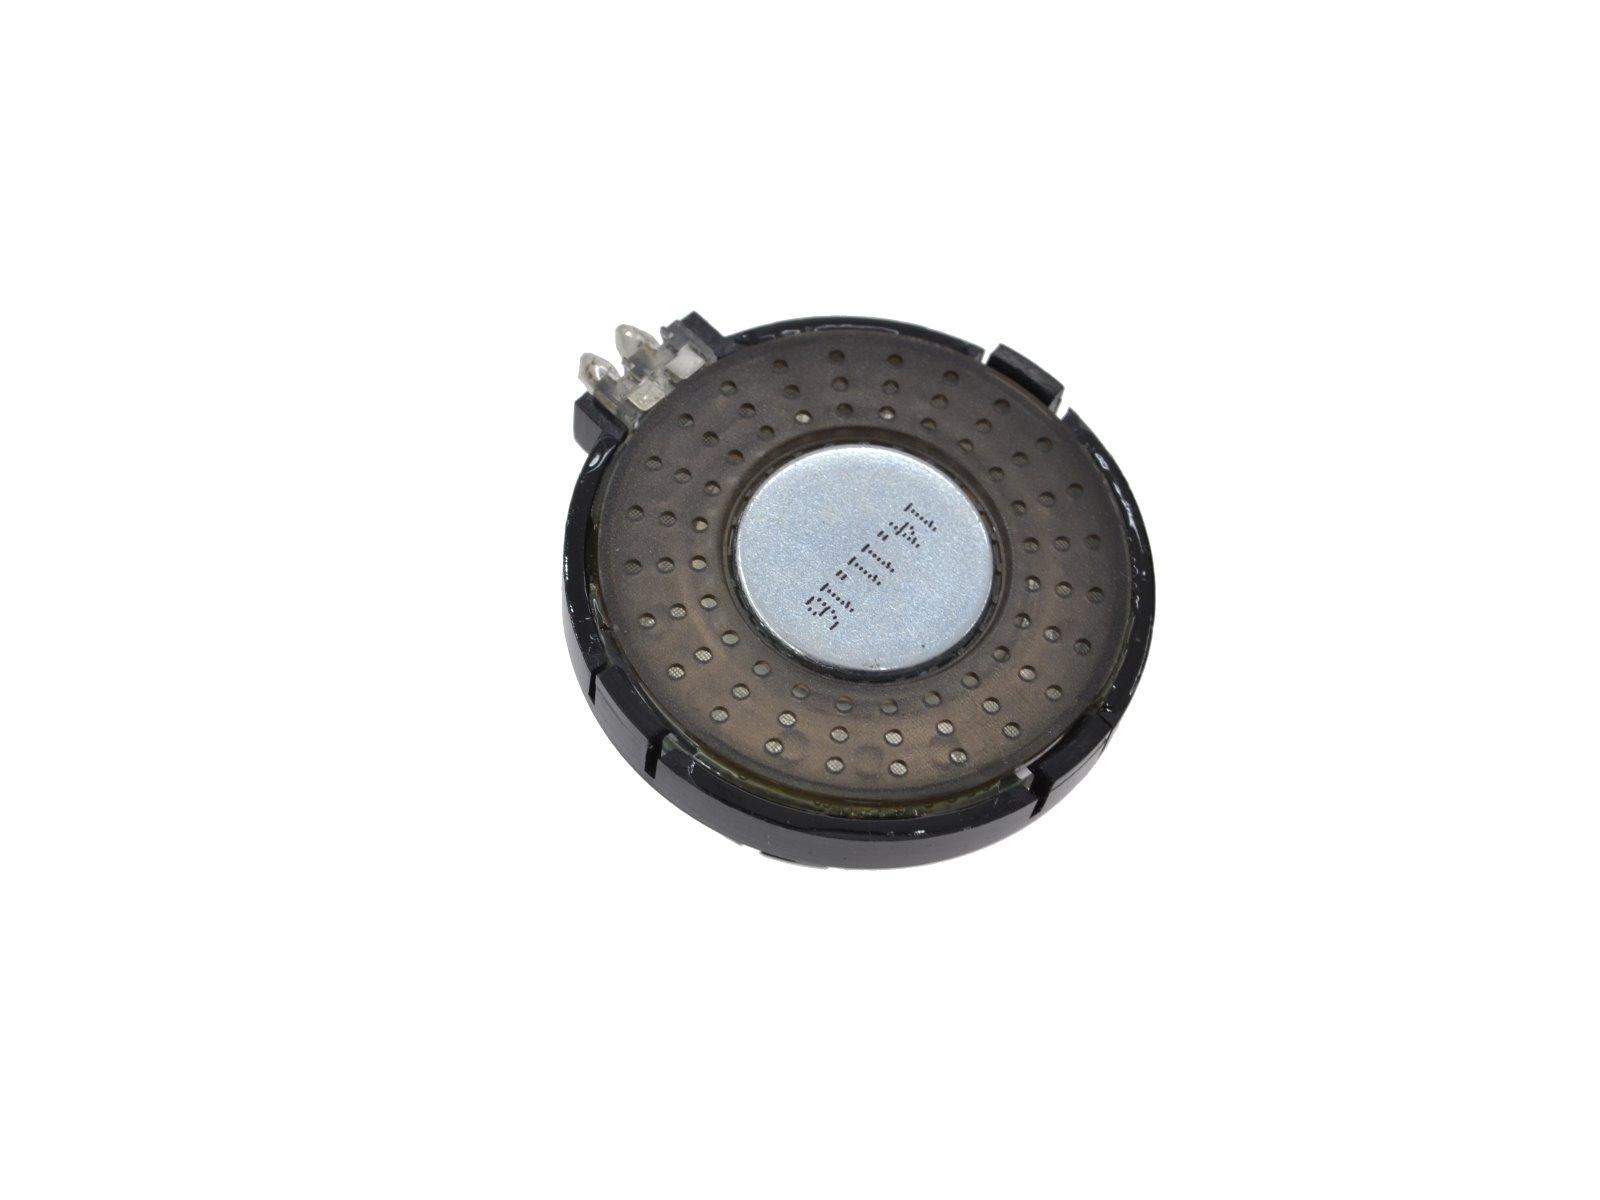 Lautsprecher für VW Bora/Jetta 4 Kombiinstrument Lichtsummer